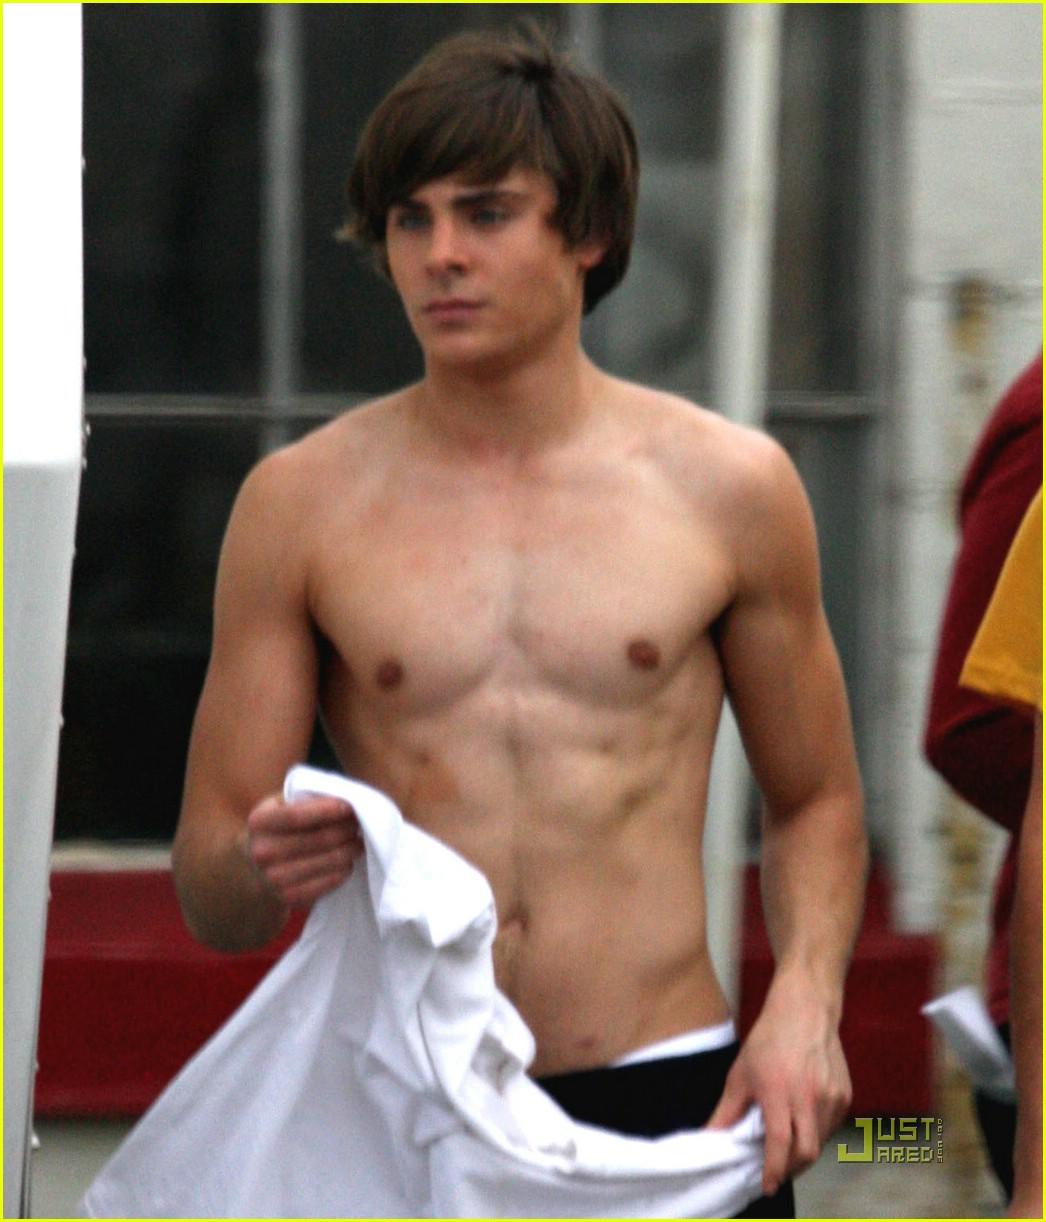 http://4.bp.blogspot.com/_FvIPmG6kolA/TLXx_-hl5GI/AAAAAAAAFyA/Uuw22XnWkfw/s1600/zac-efron-shirtless.jpg